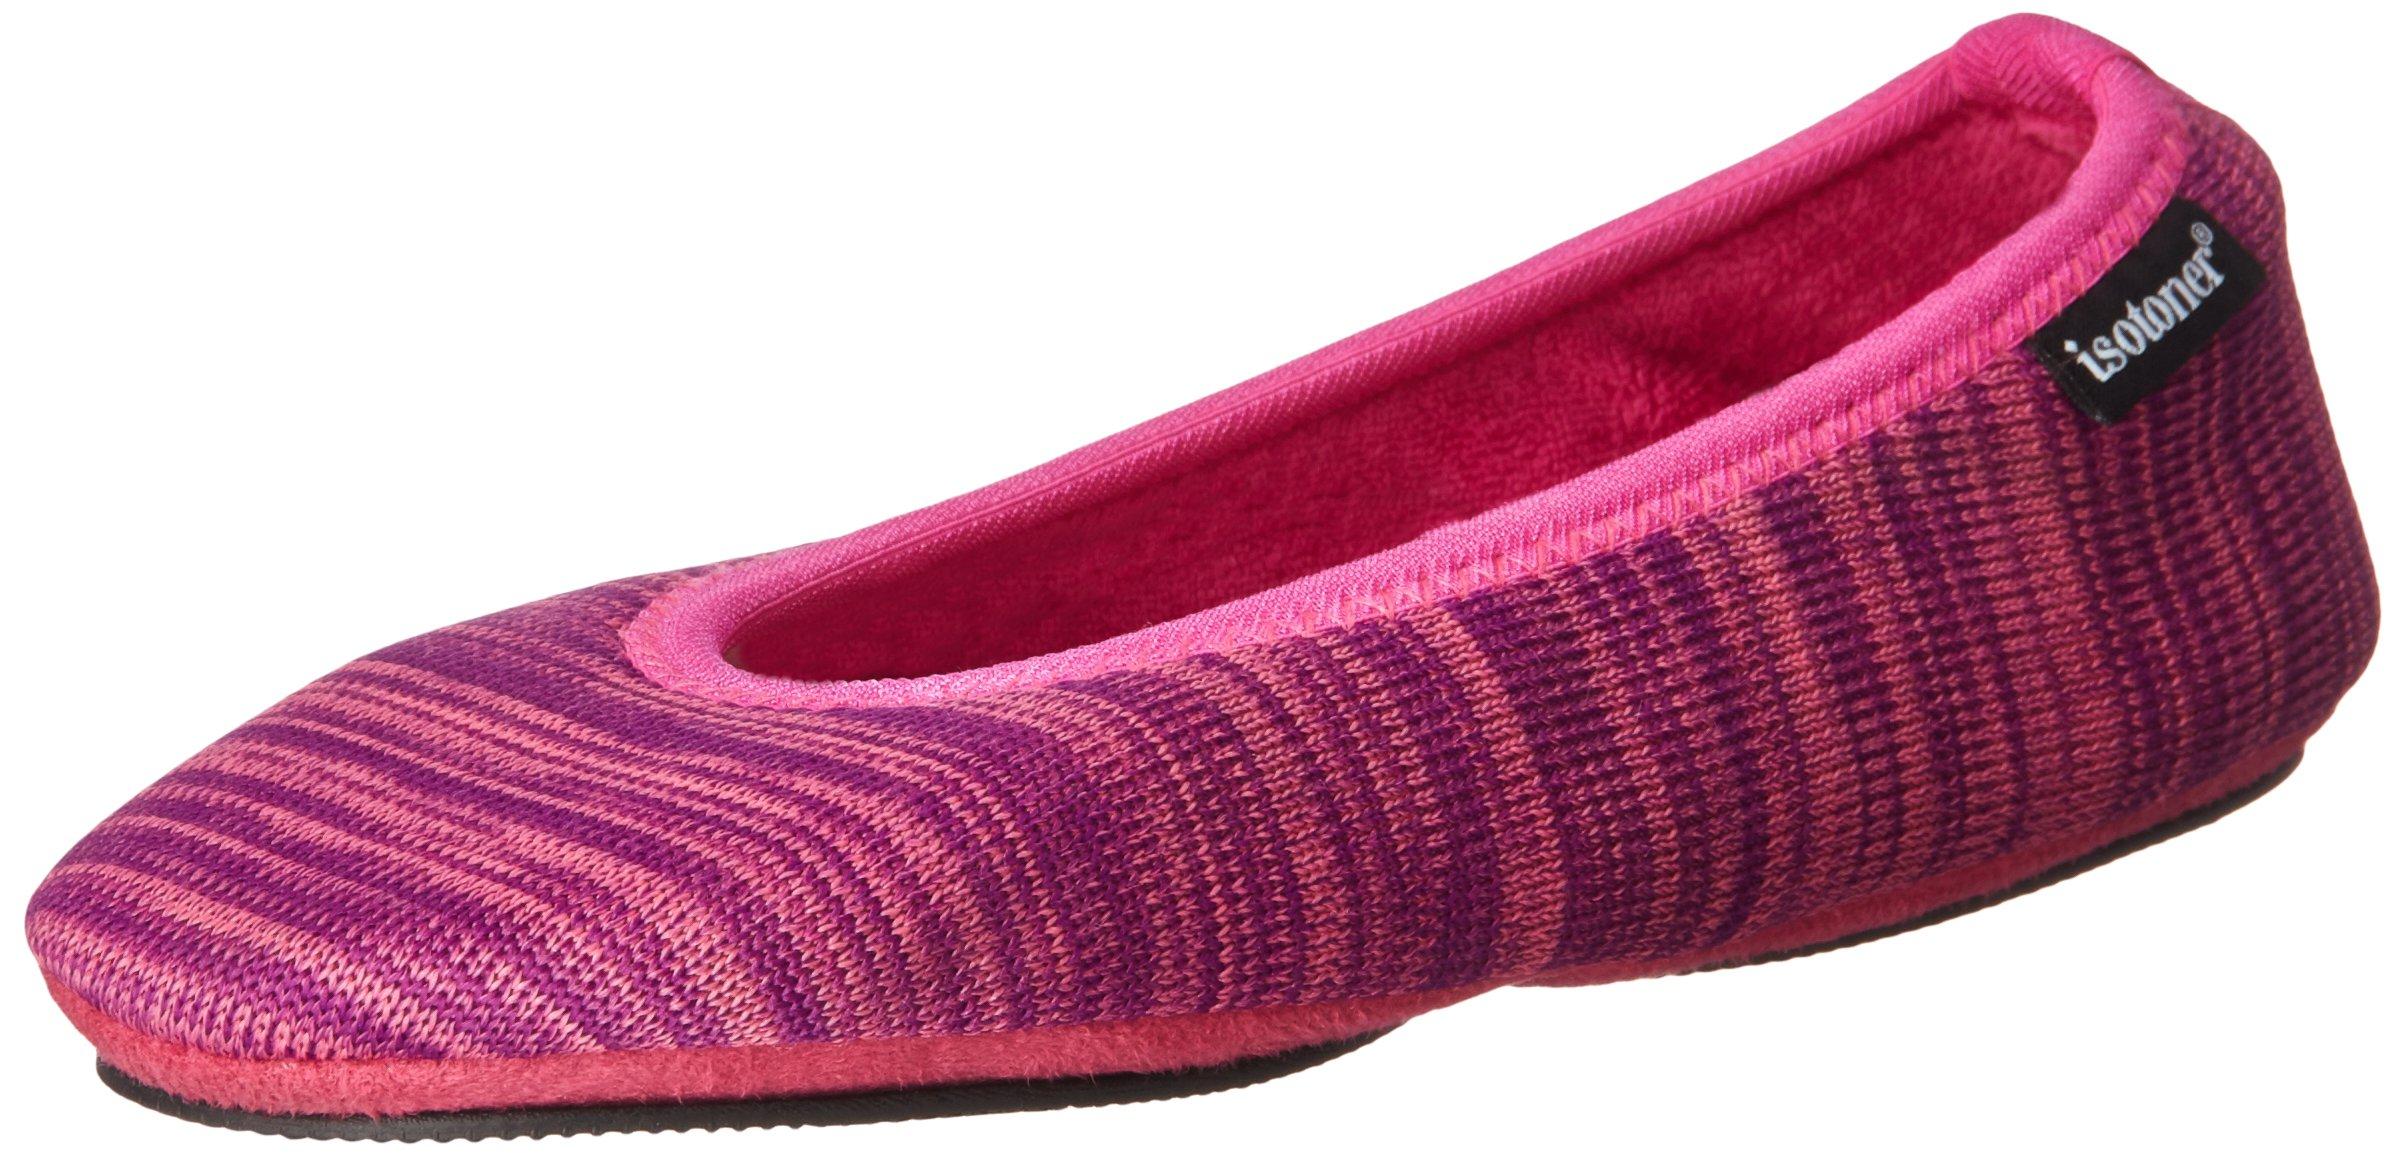 ISOTONER Women's Paris Ballet Slipper, Vivid Violet Space Dye, Large 8-9